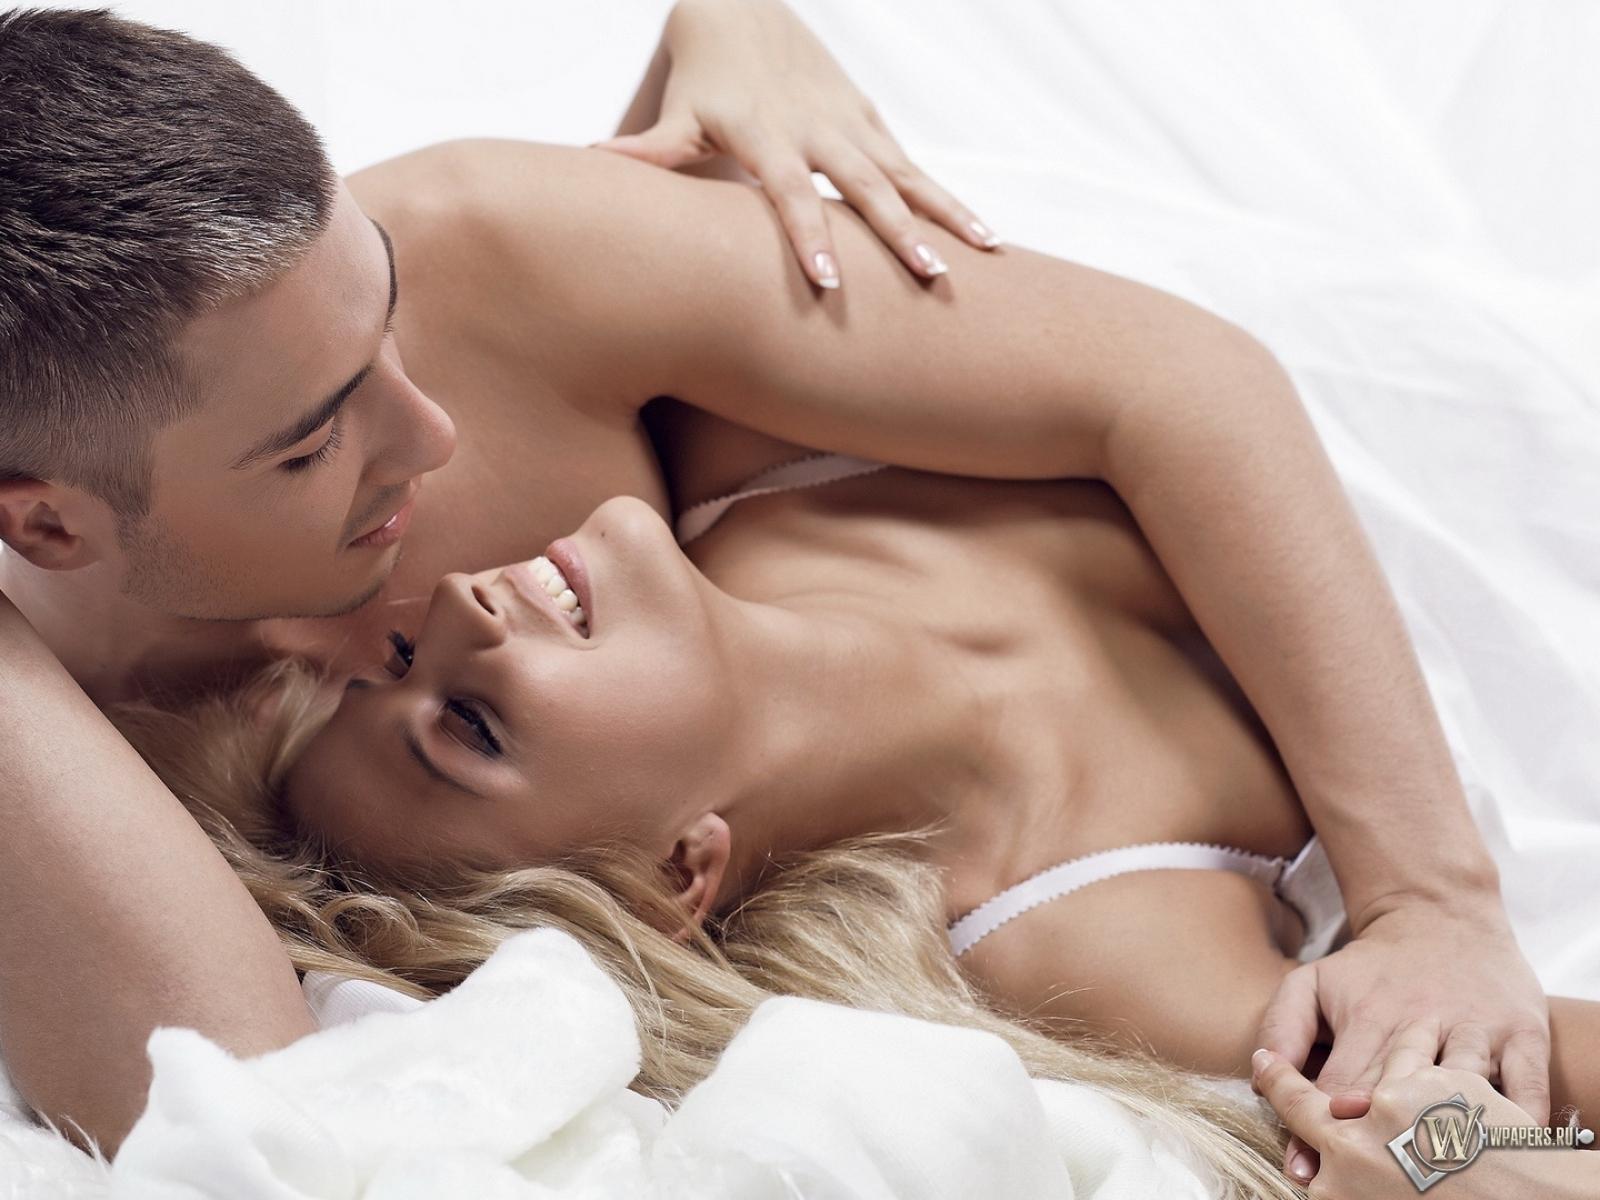 Сексуальные возможности женщин 19 фотография